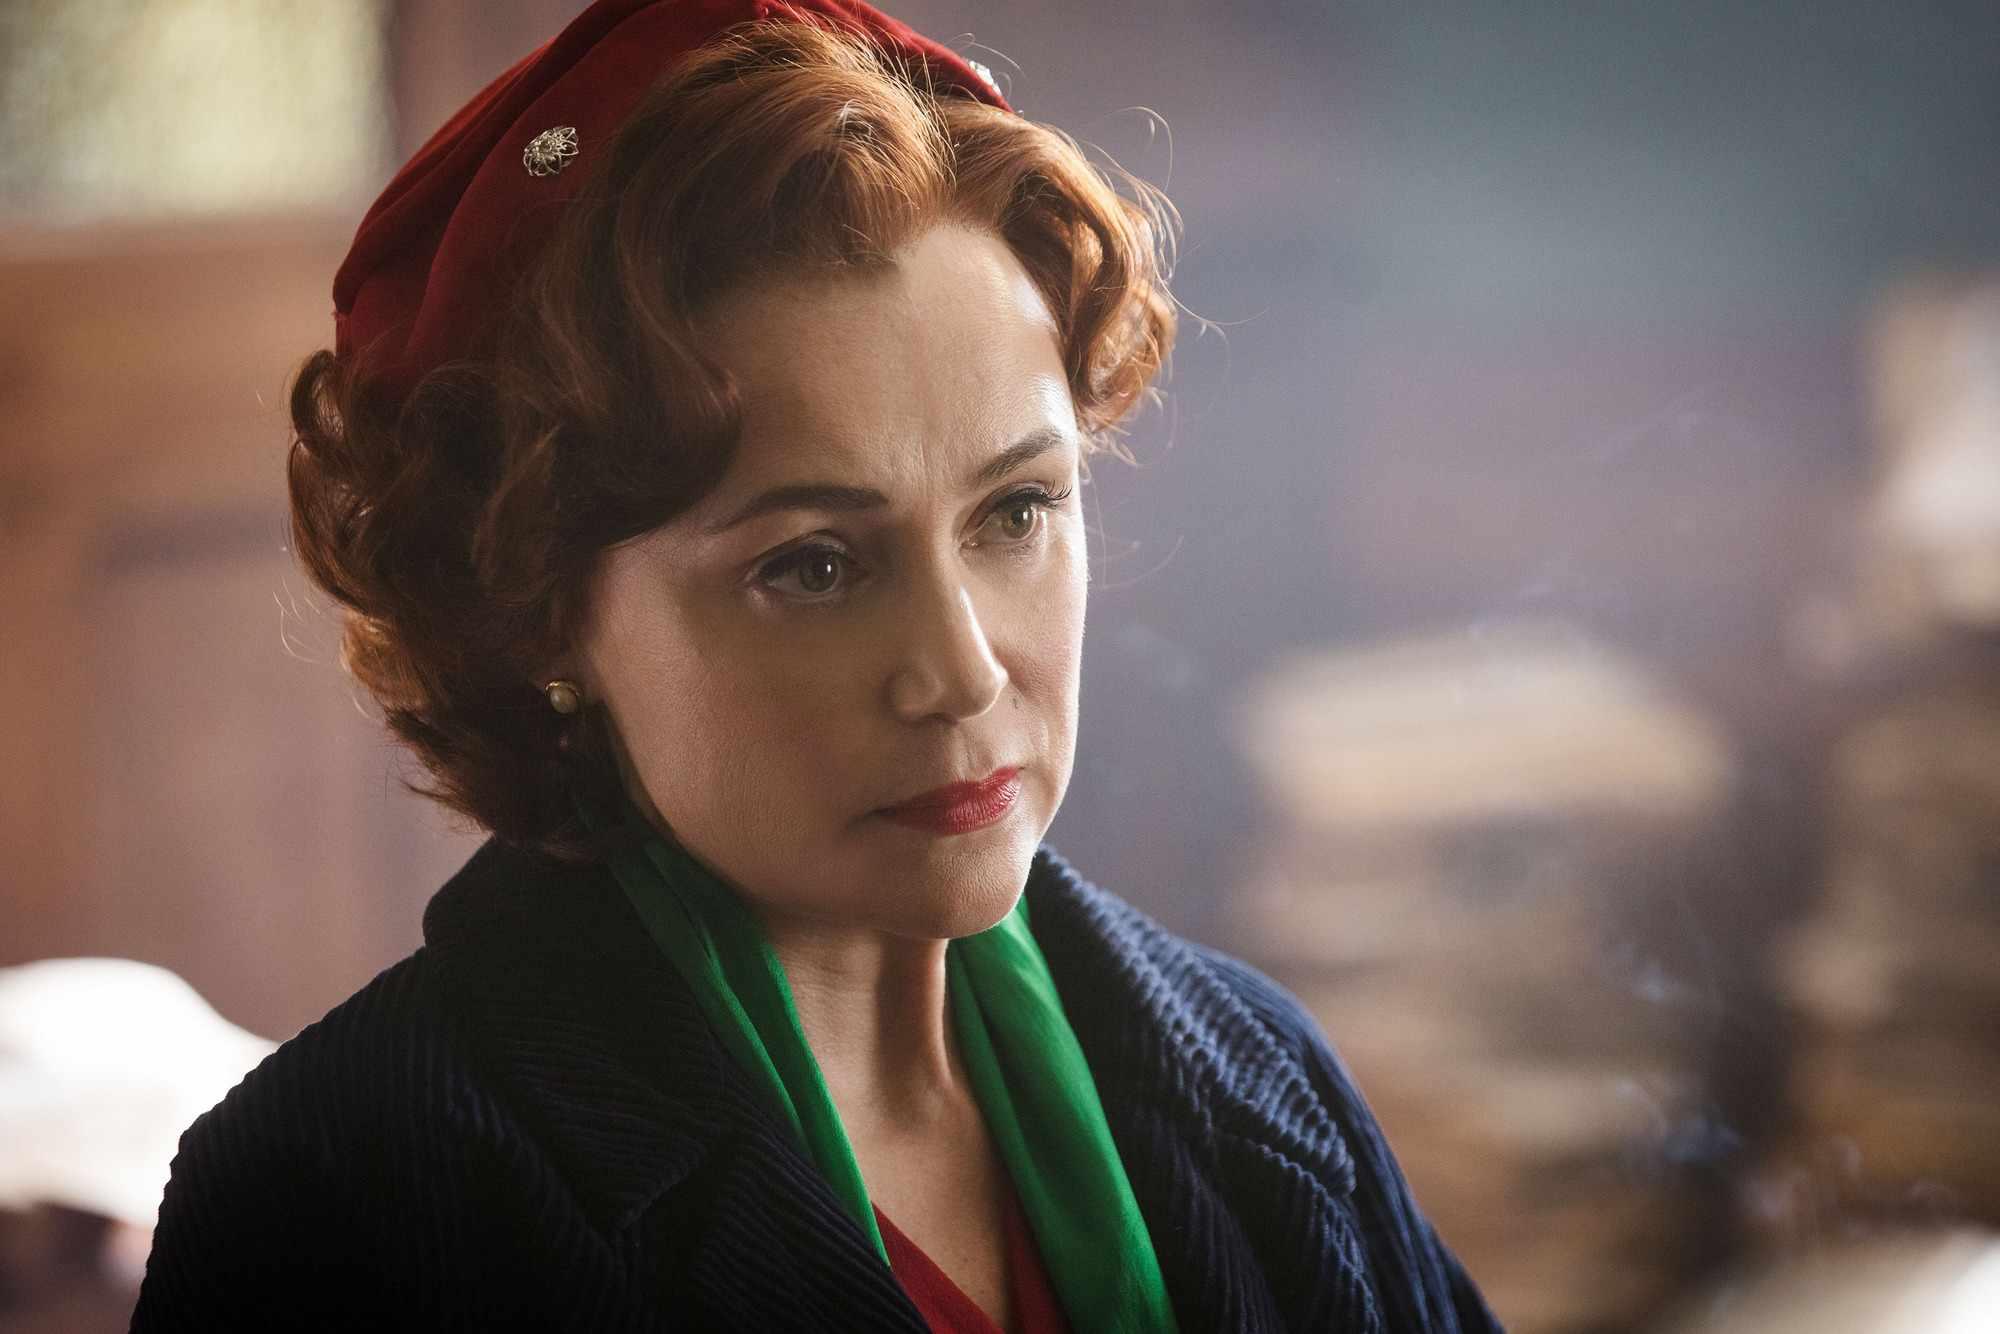 Keeley Hawes plays Kathleen Shaw